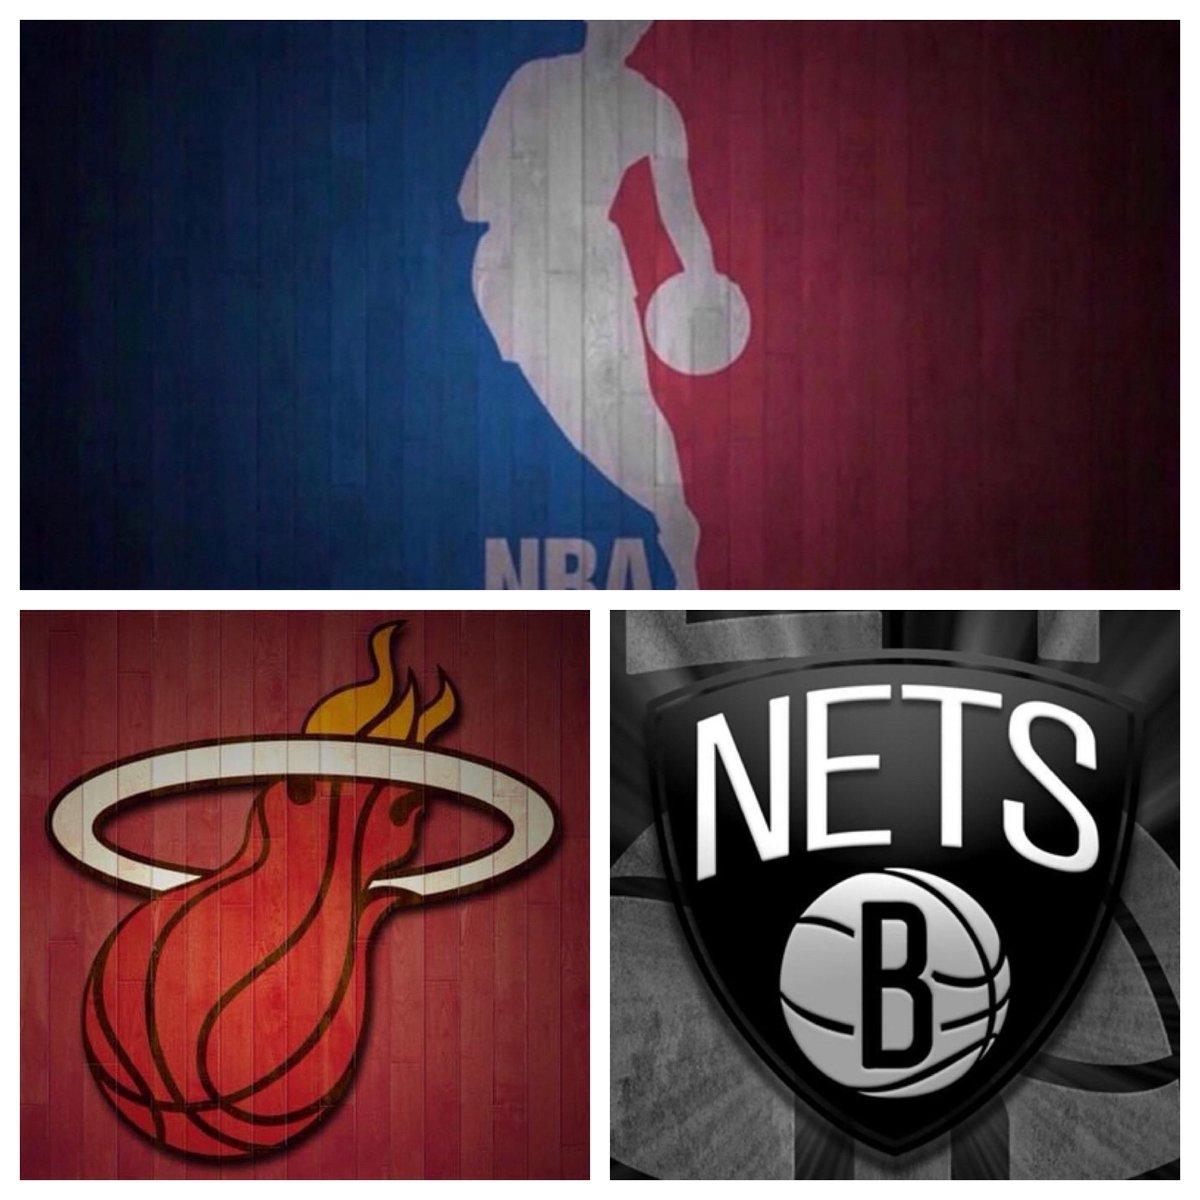 #IESRSN #Heat @ #Nets is underway! #NBA #MIAvsBKN #HeatTwitter #BrooklynTogether